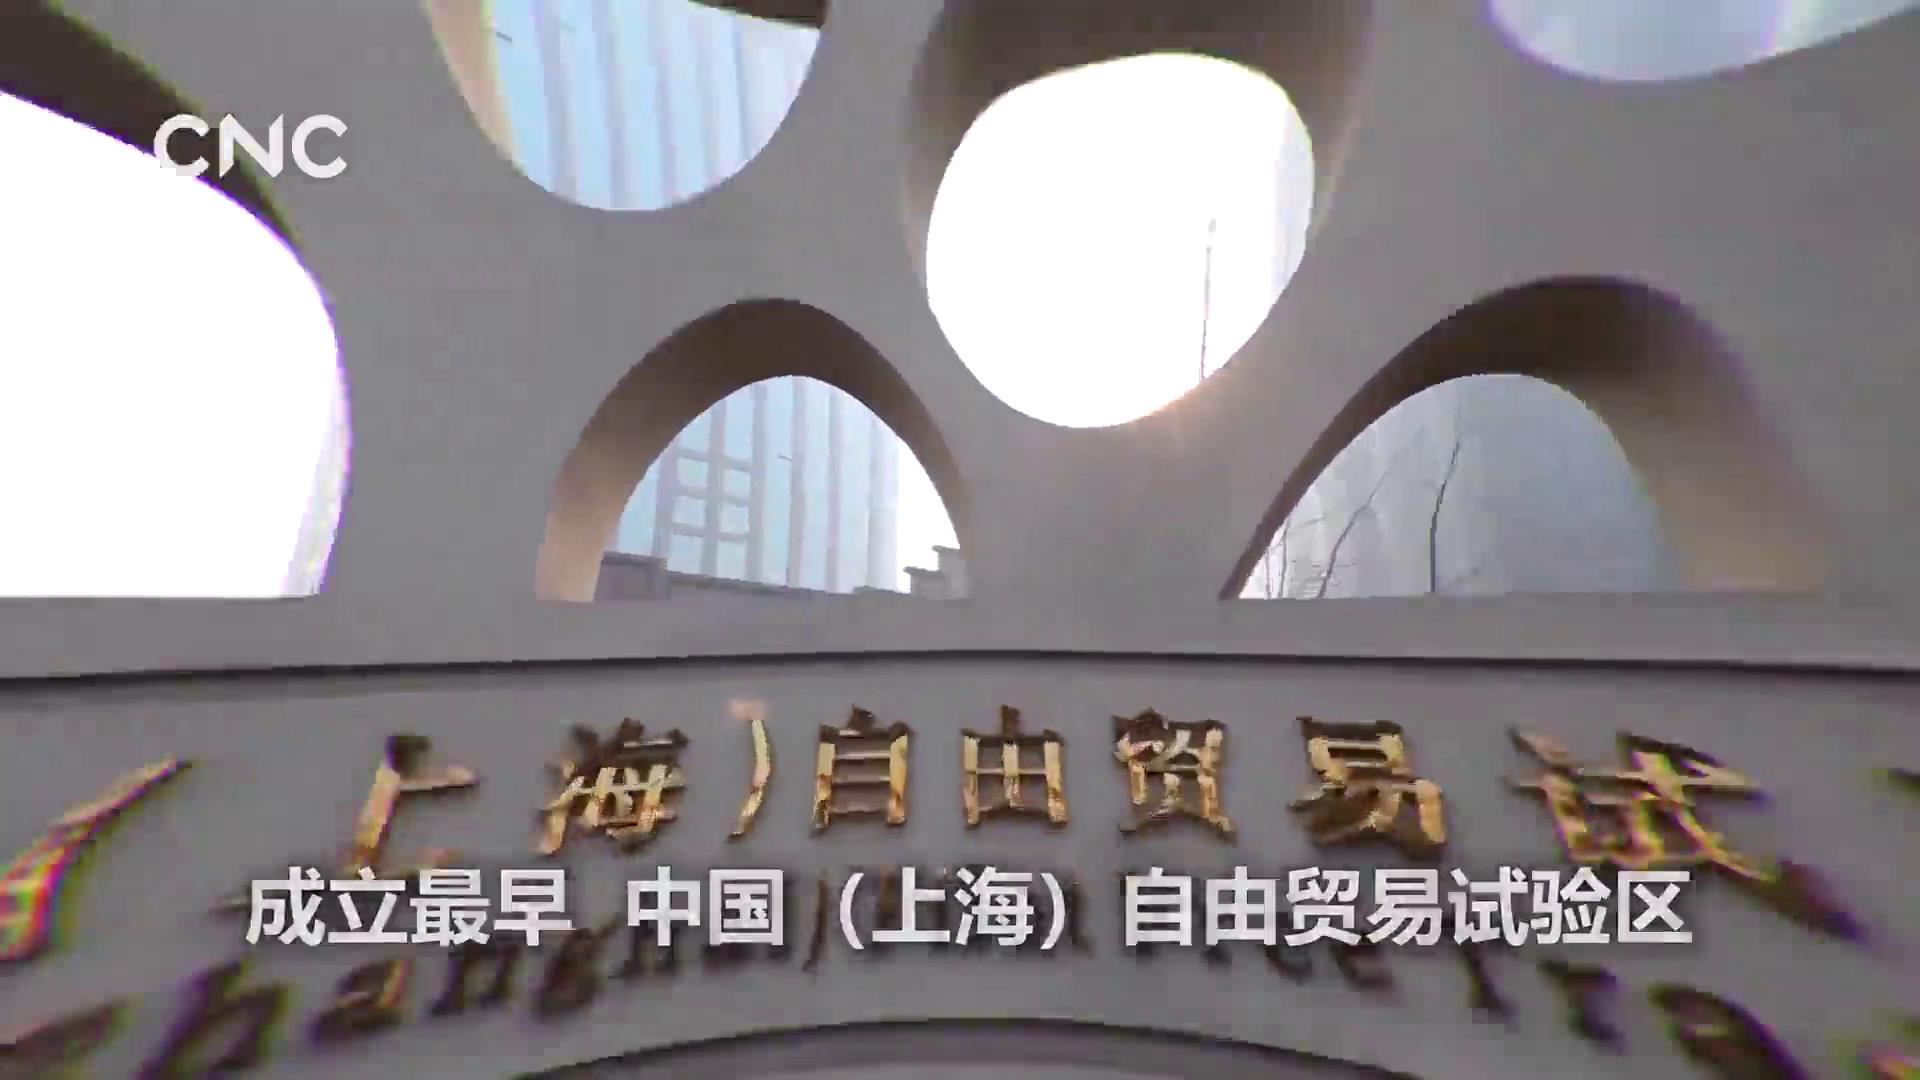 金句来习丨自贸中国 造福世界图片